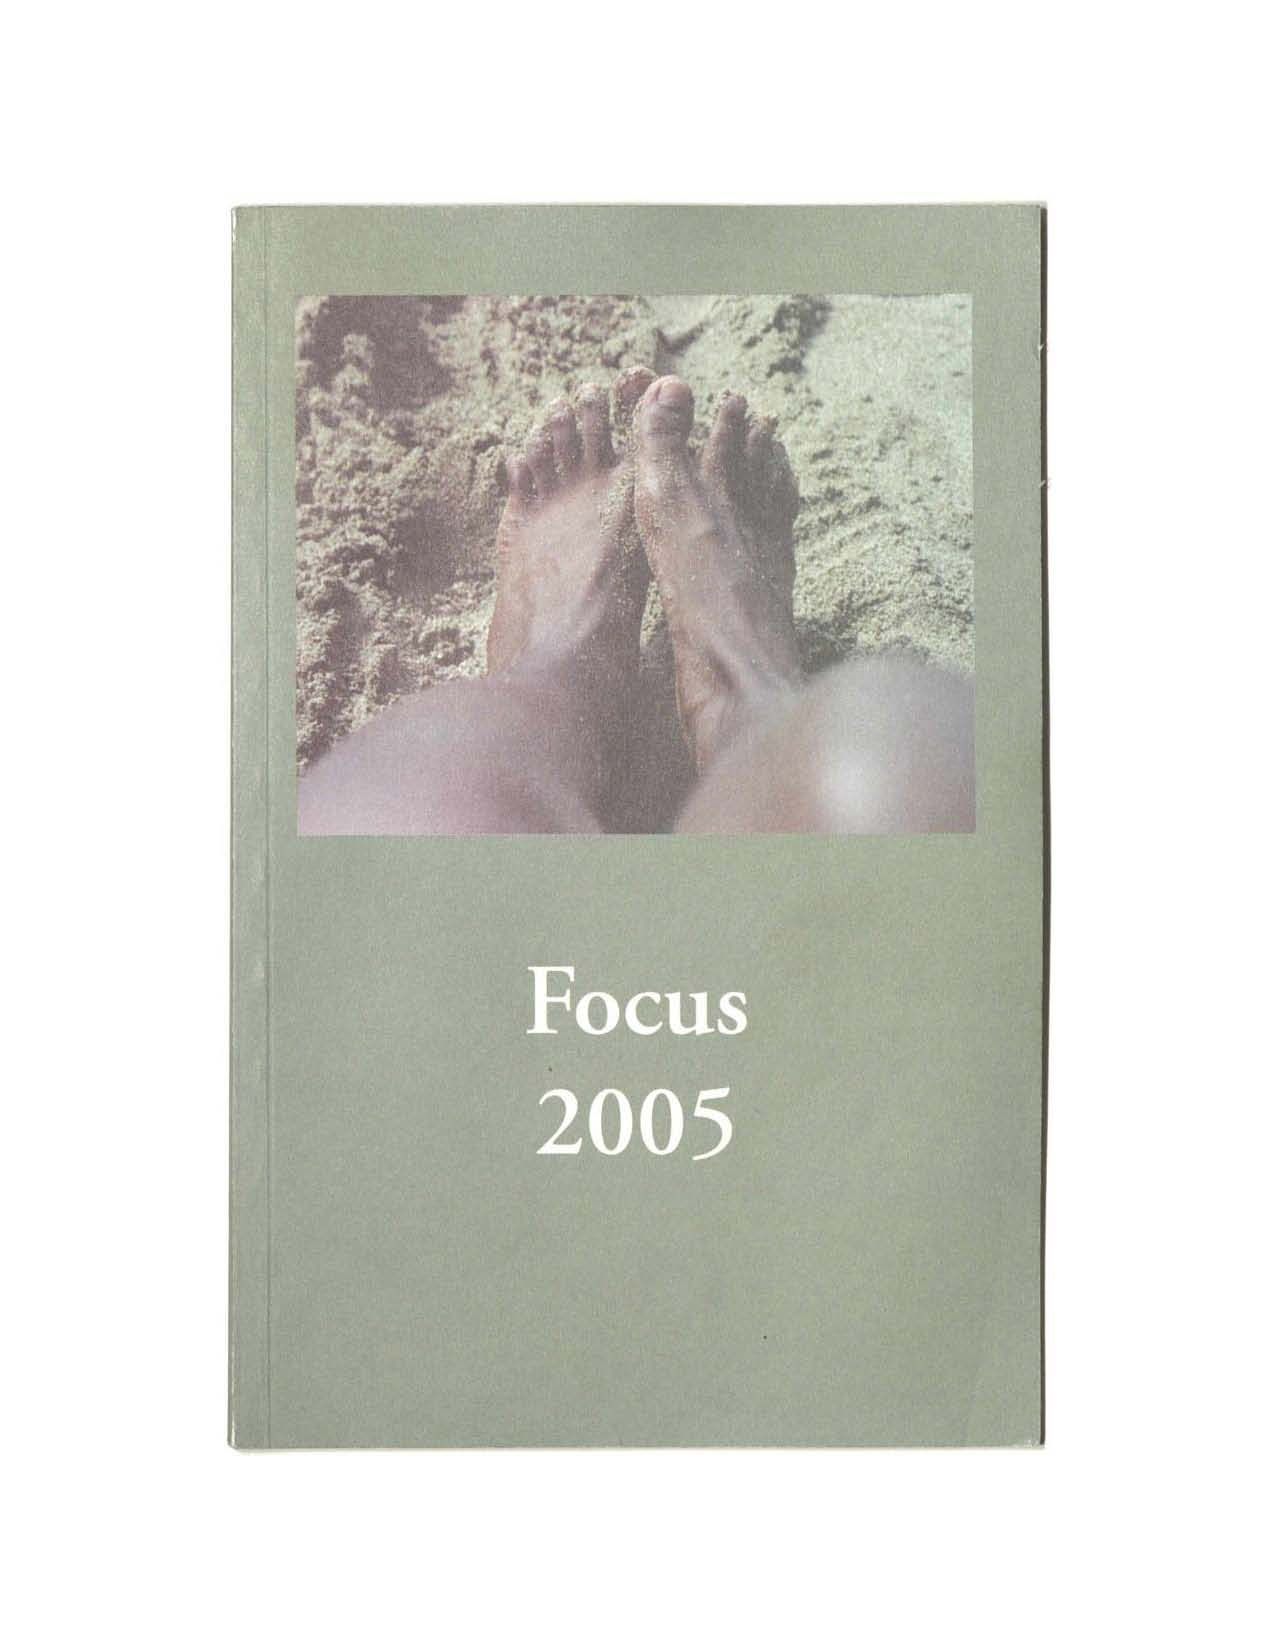 Focus 2005 Cover Image